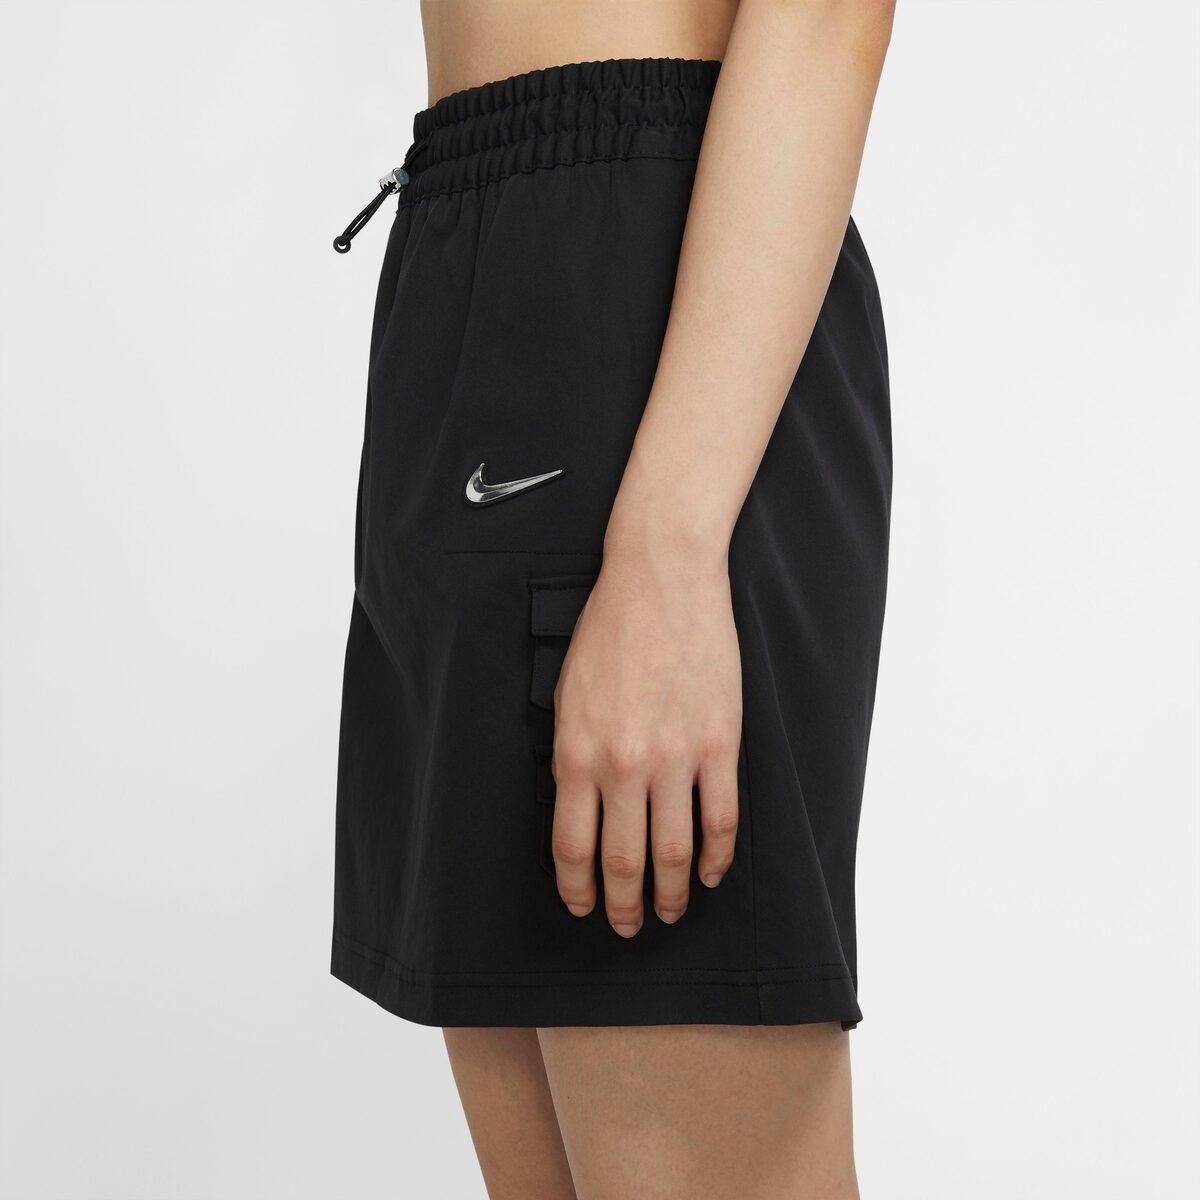 Bild 2 von Nike Sportswear Minirock »Nike Sportswear Swoosh Women's Skirt«